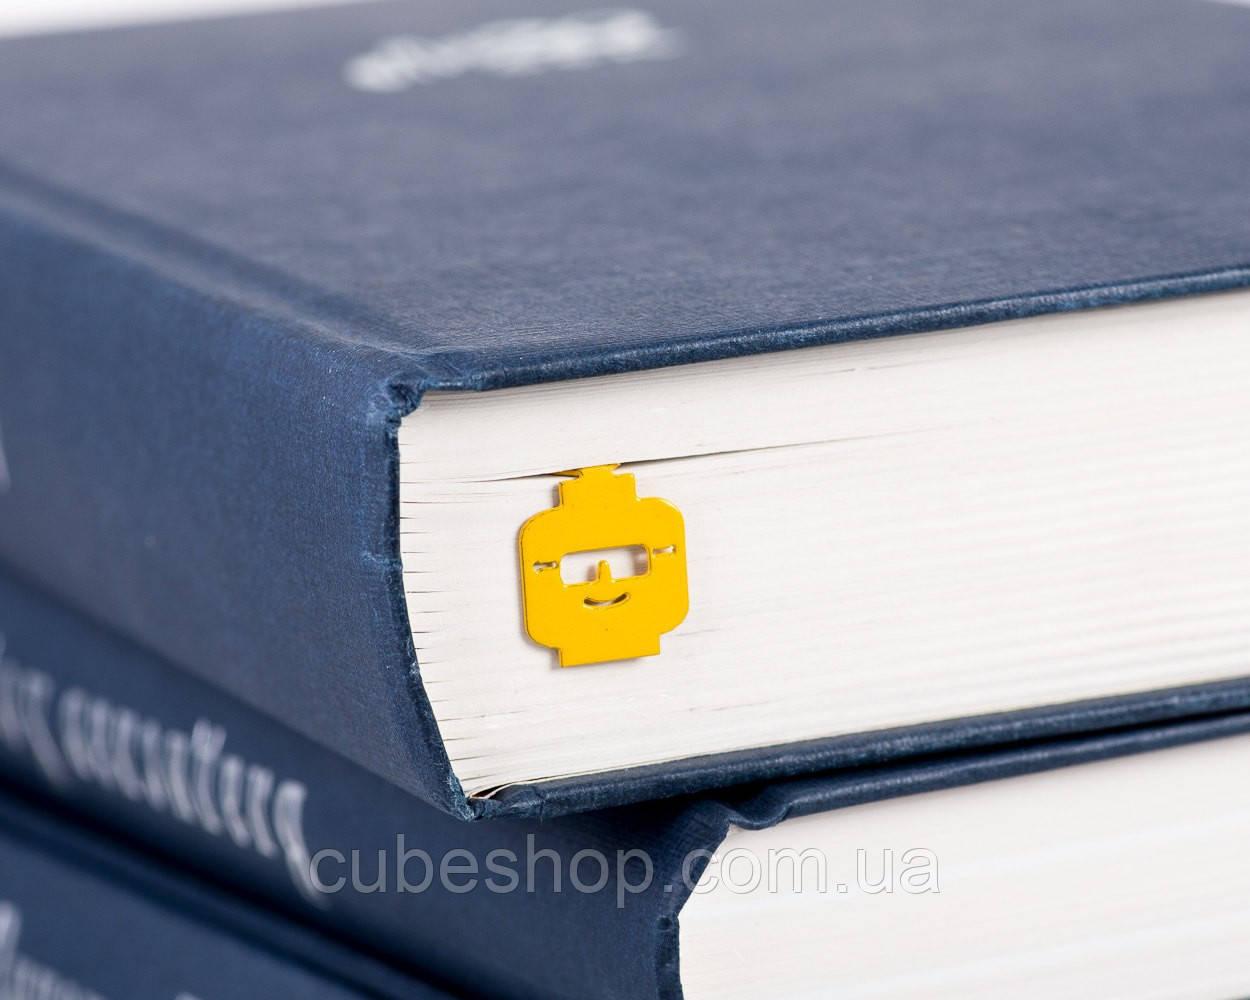 Закладка для книг Крутой Легомен